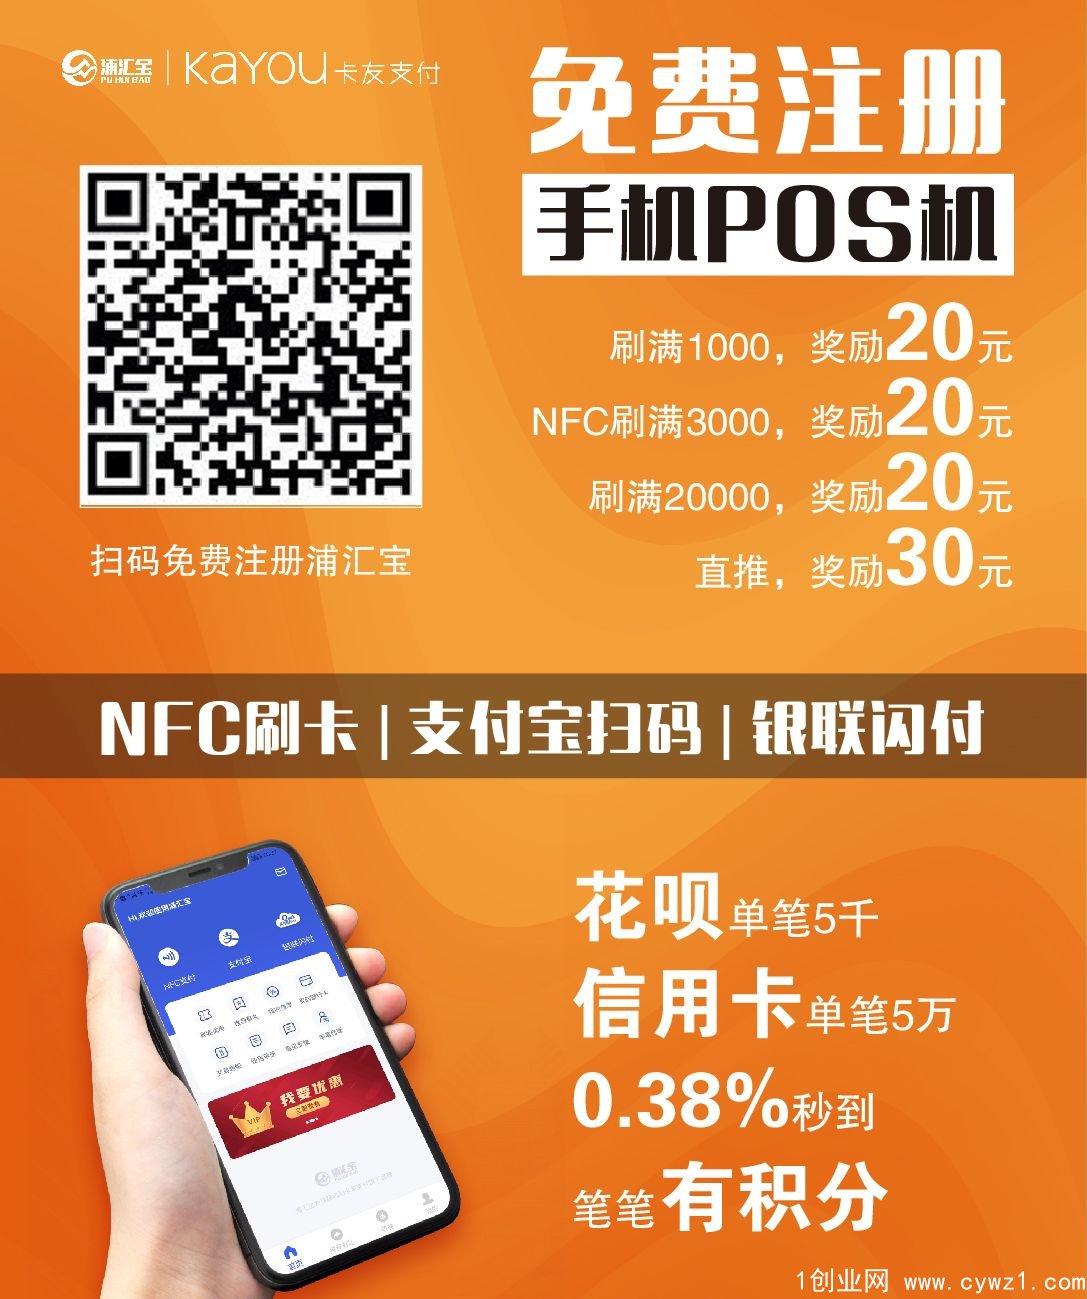 普惠宝app招募全国合伙人100名待遇置顶分润置顶推荐奖励秒结算分润日结